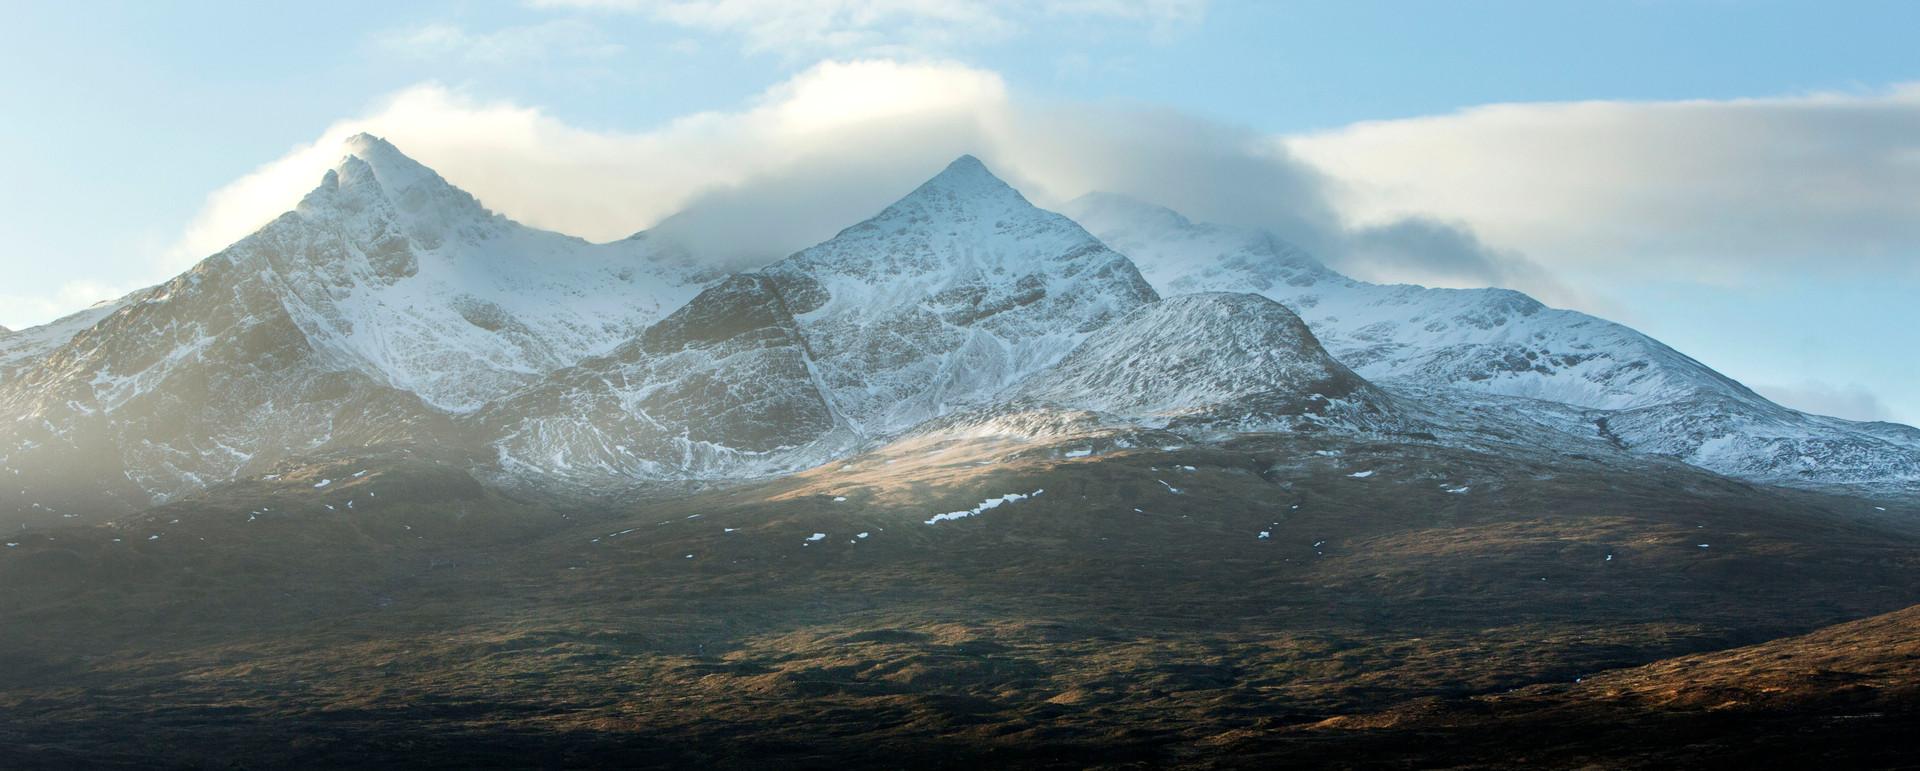 Sgurr nan Gillean and Sgurr a Bhasteir, Isle of Skye